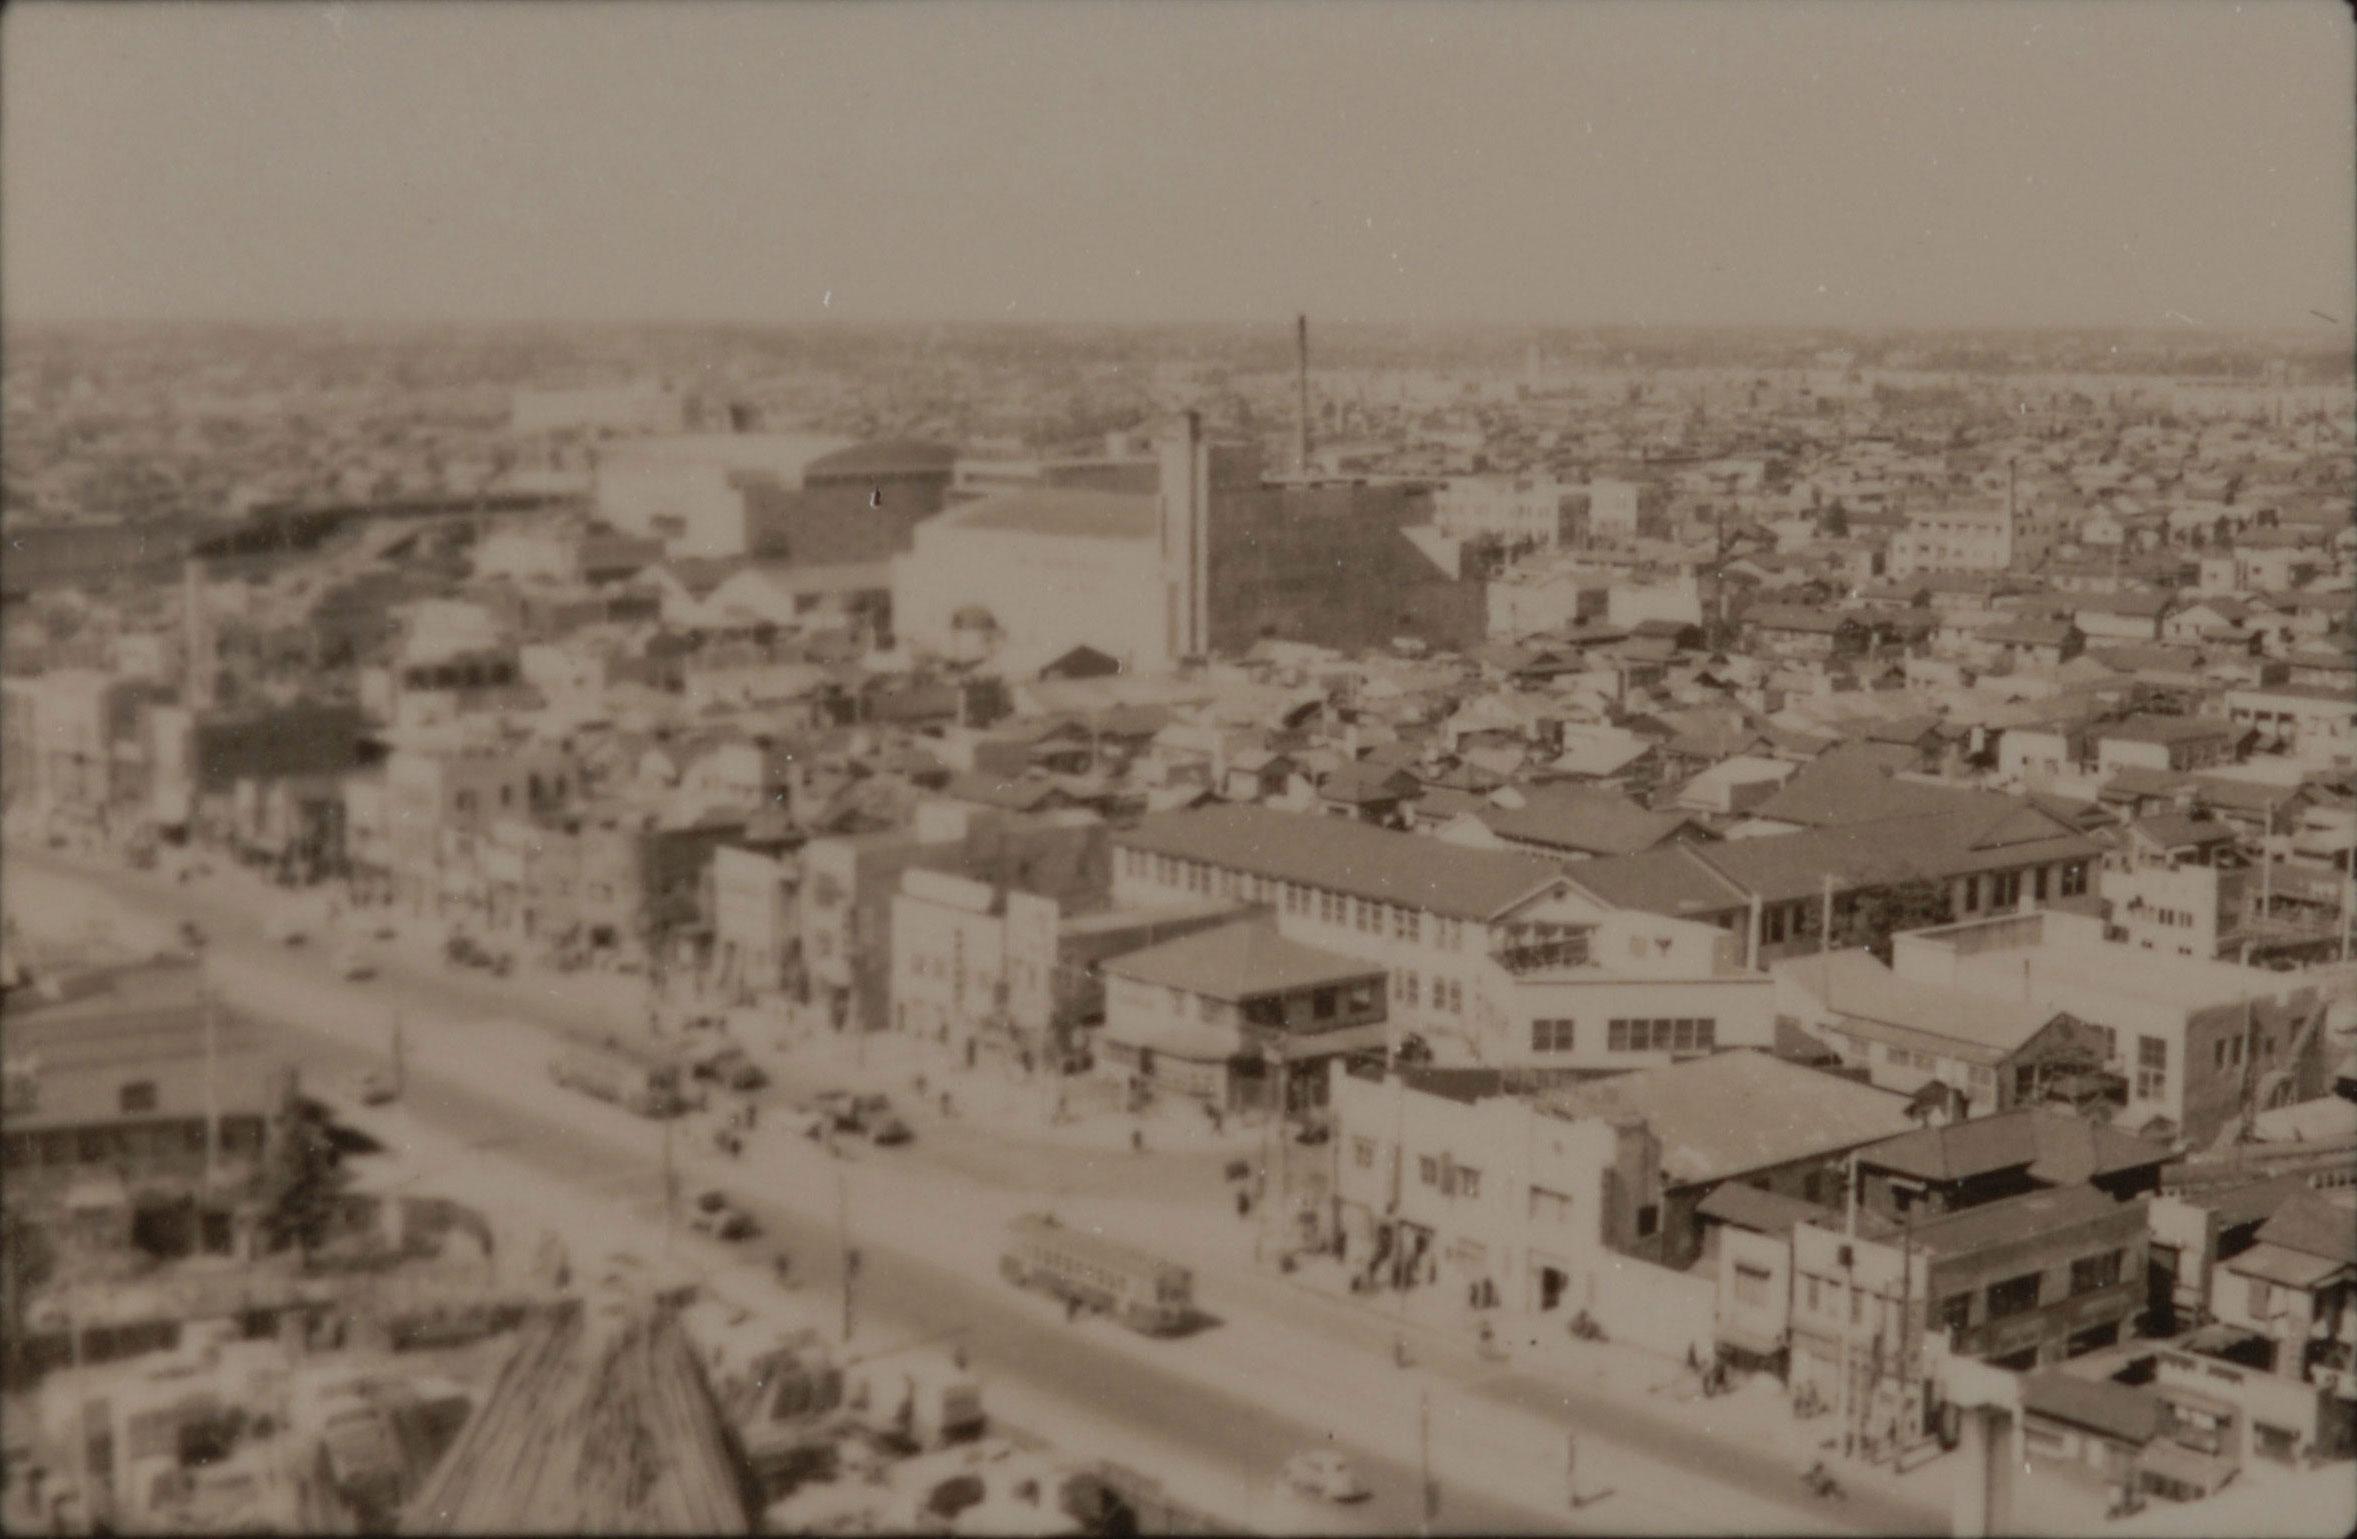 昭和32(1957)年 – 新宿区史年表